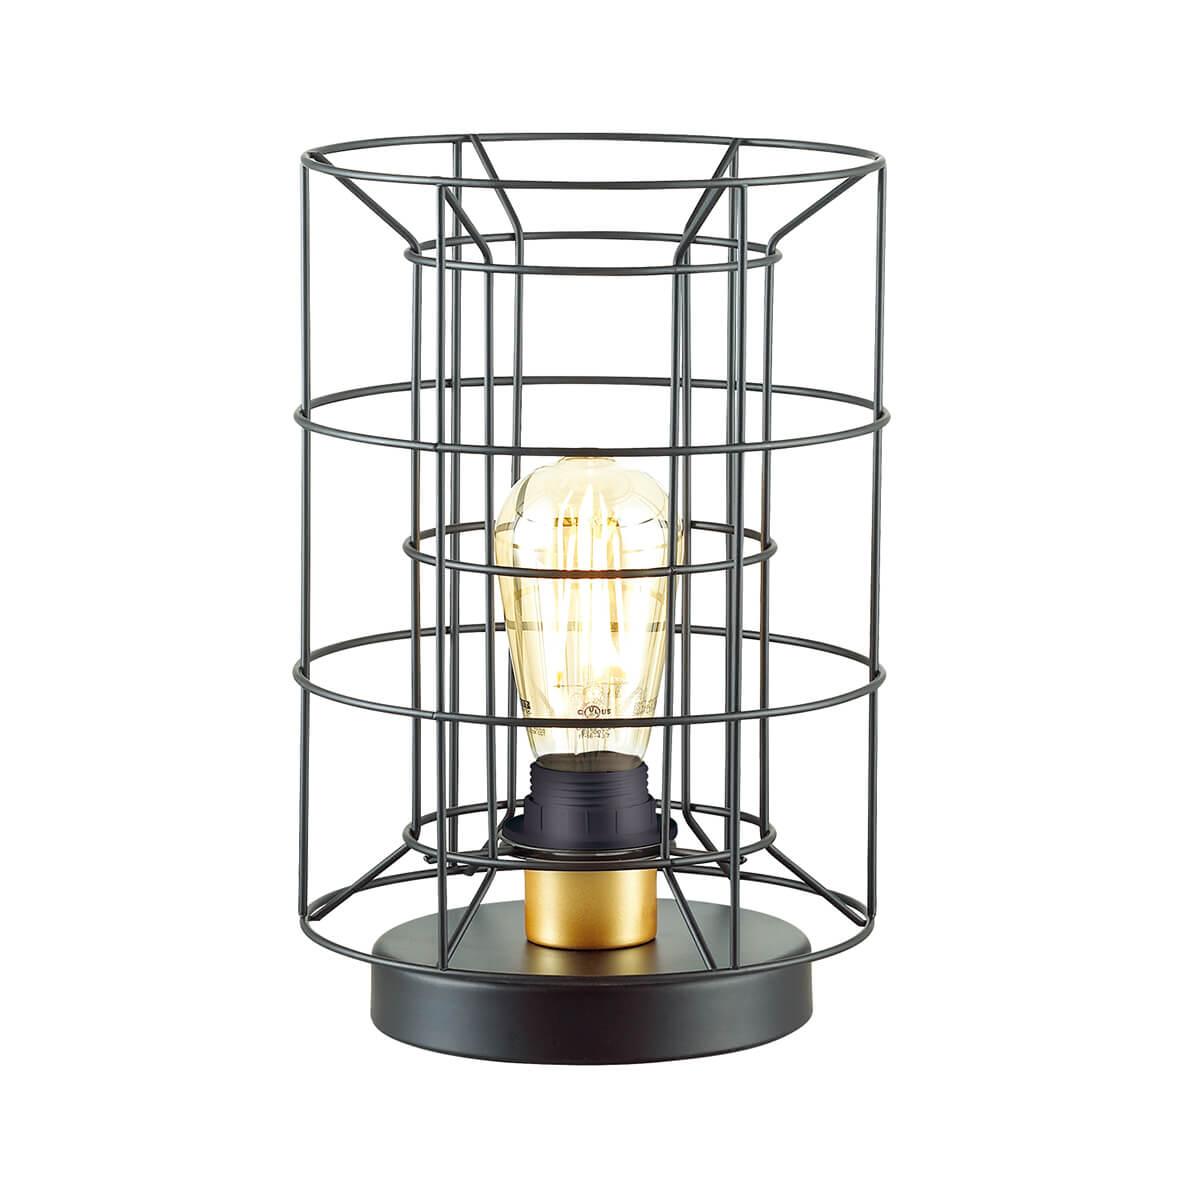 Настольная лампа Lumion 4410/1T Lofti настольная лампа lumion ejen 3688 1t серая e27 40w 220v